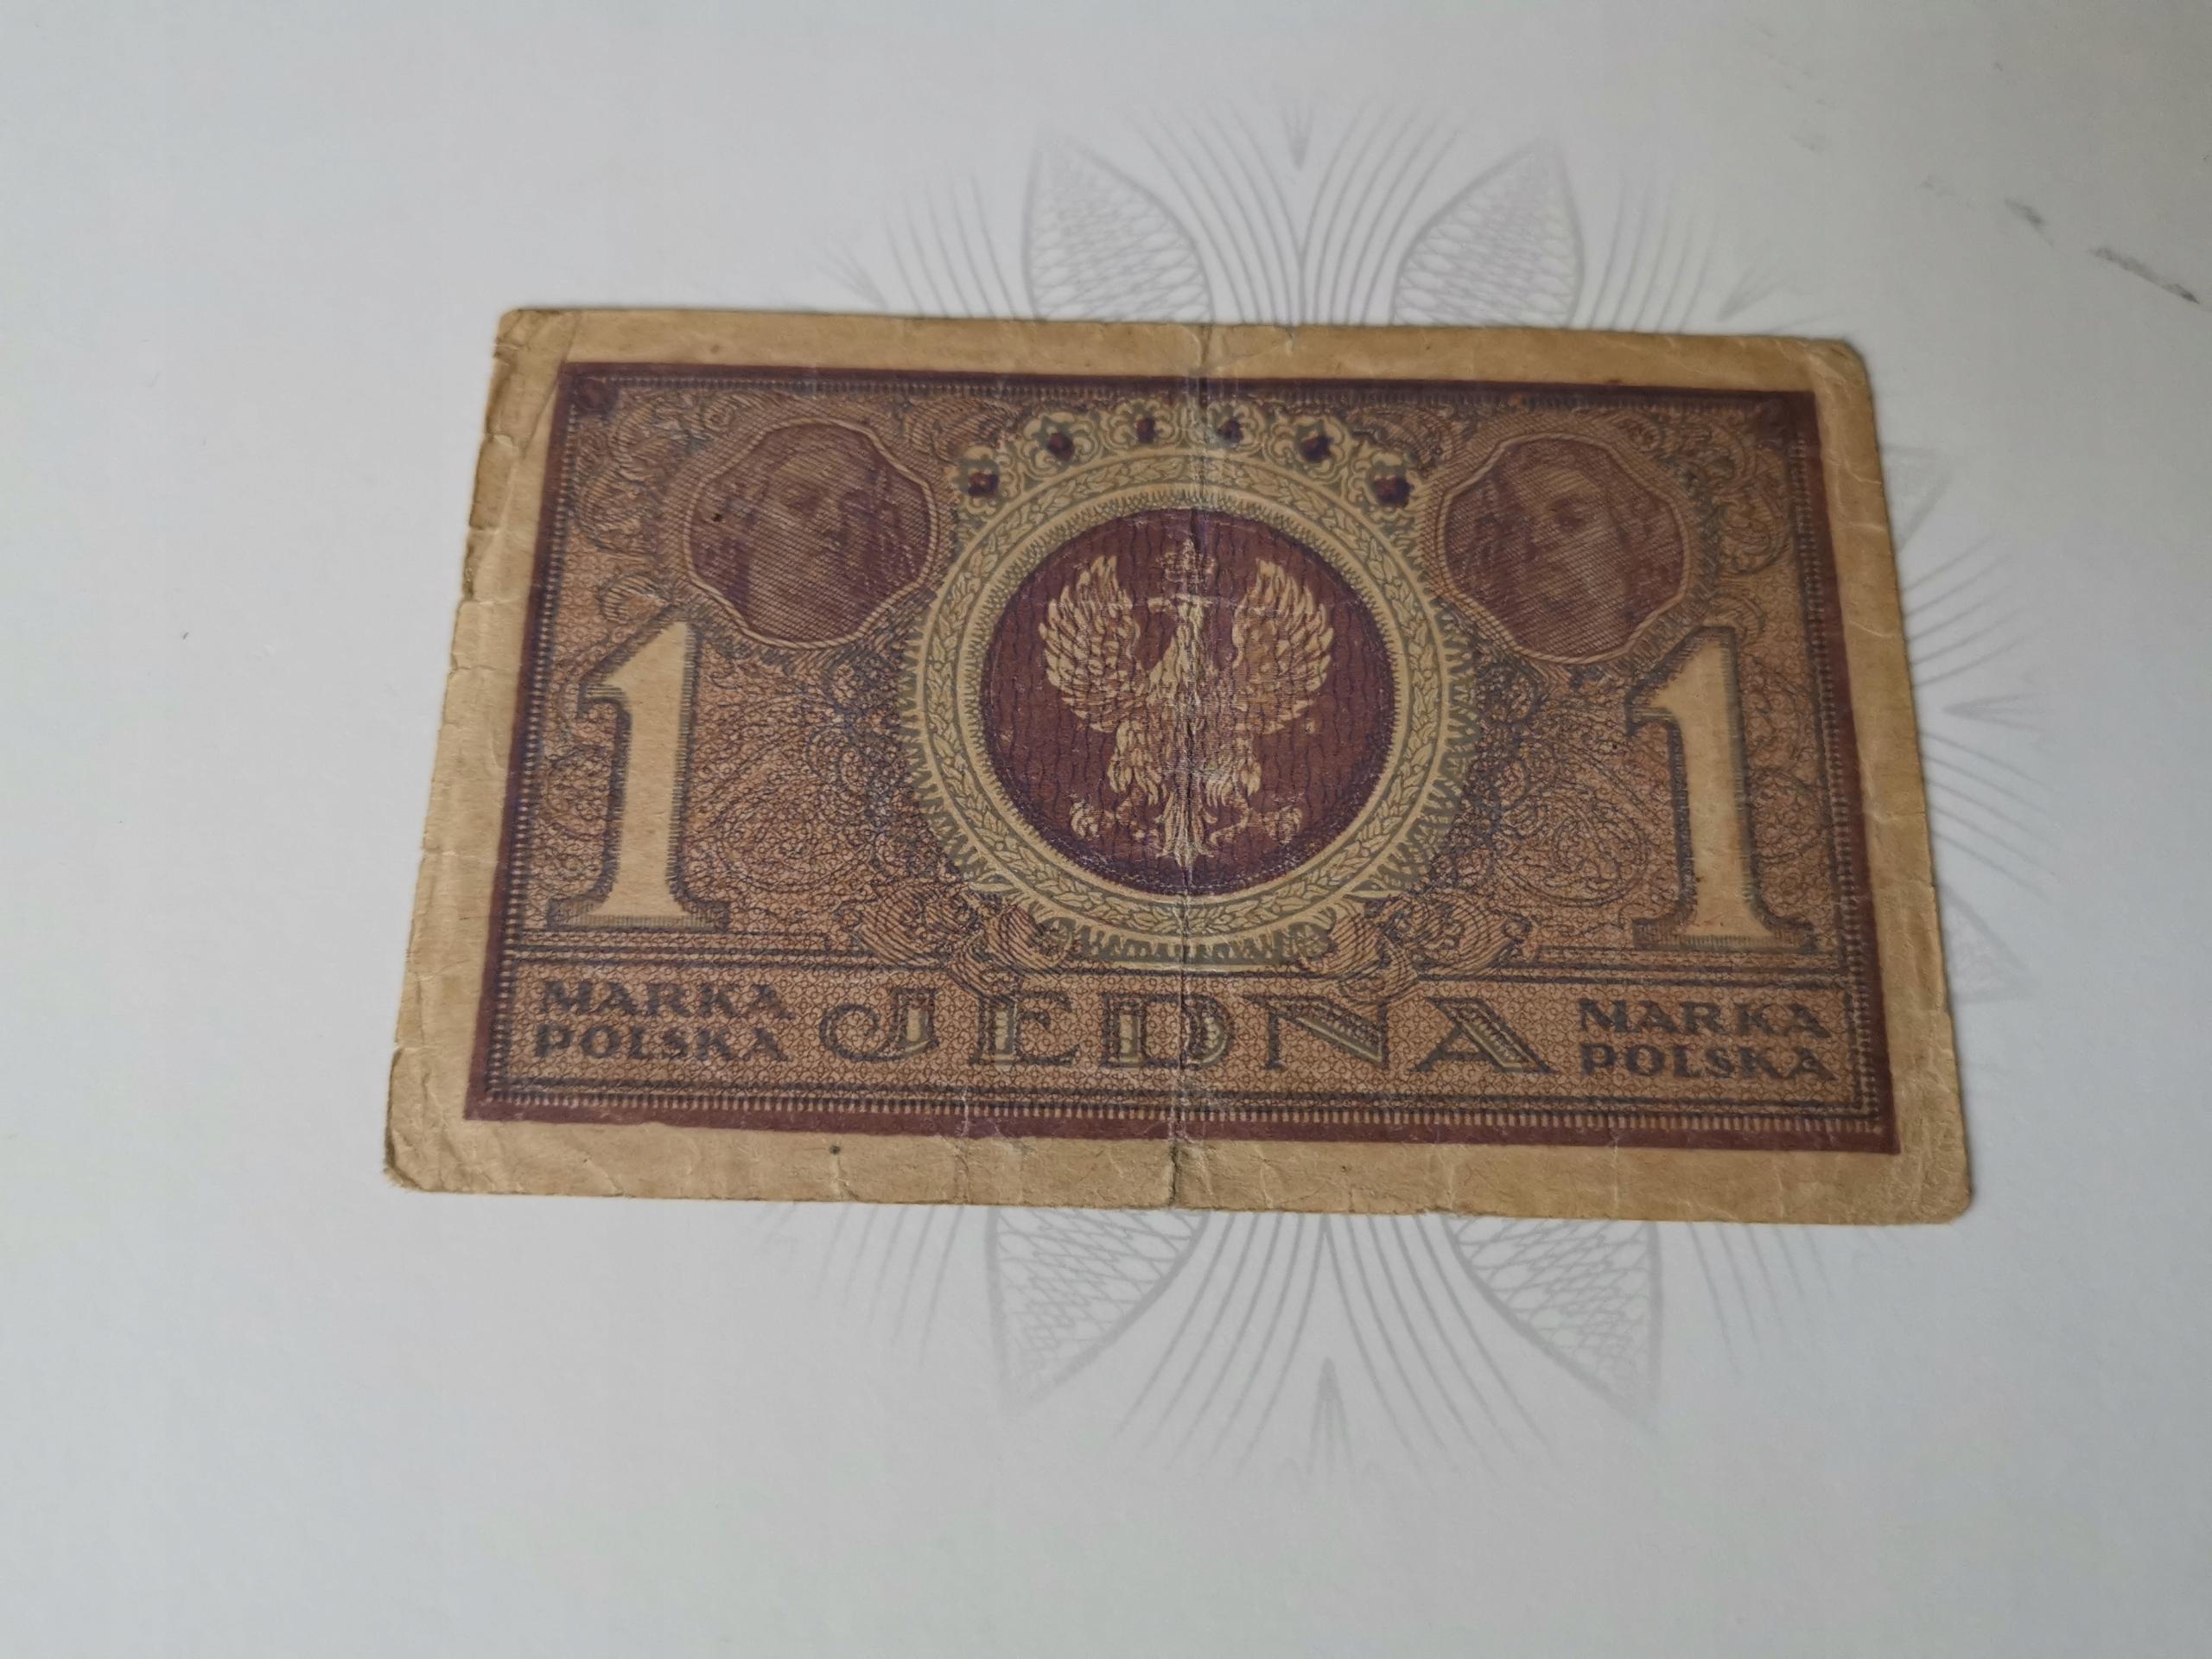 1 Marka Polska IAG 1919r